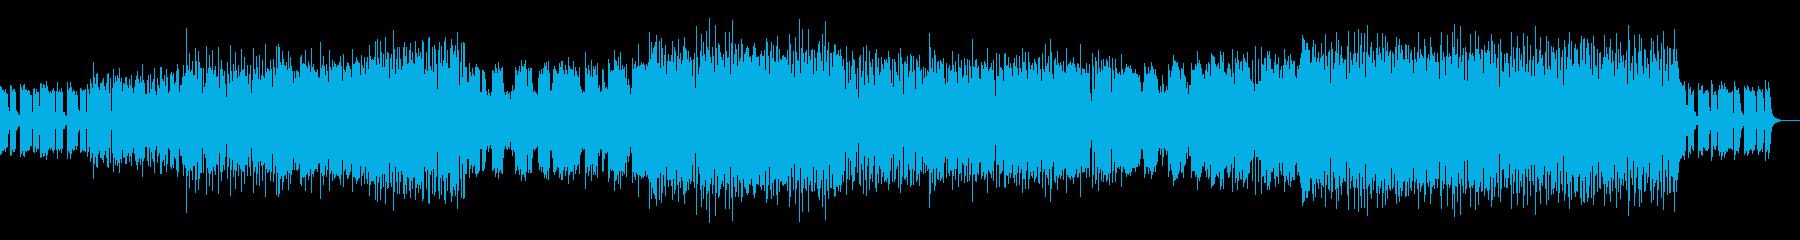 ハウスミュージック2の再生済みの波形